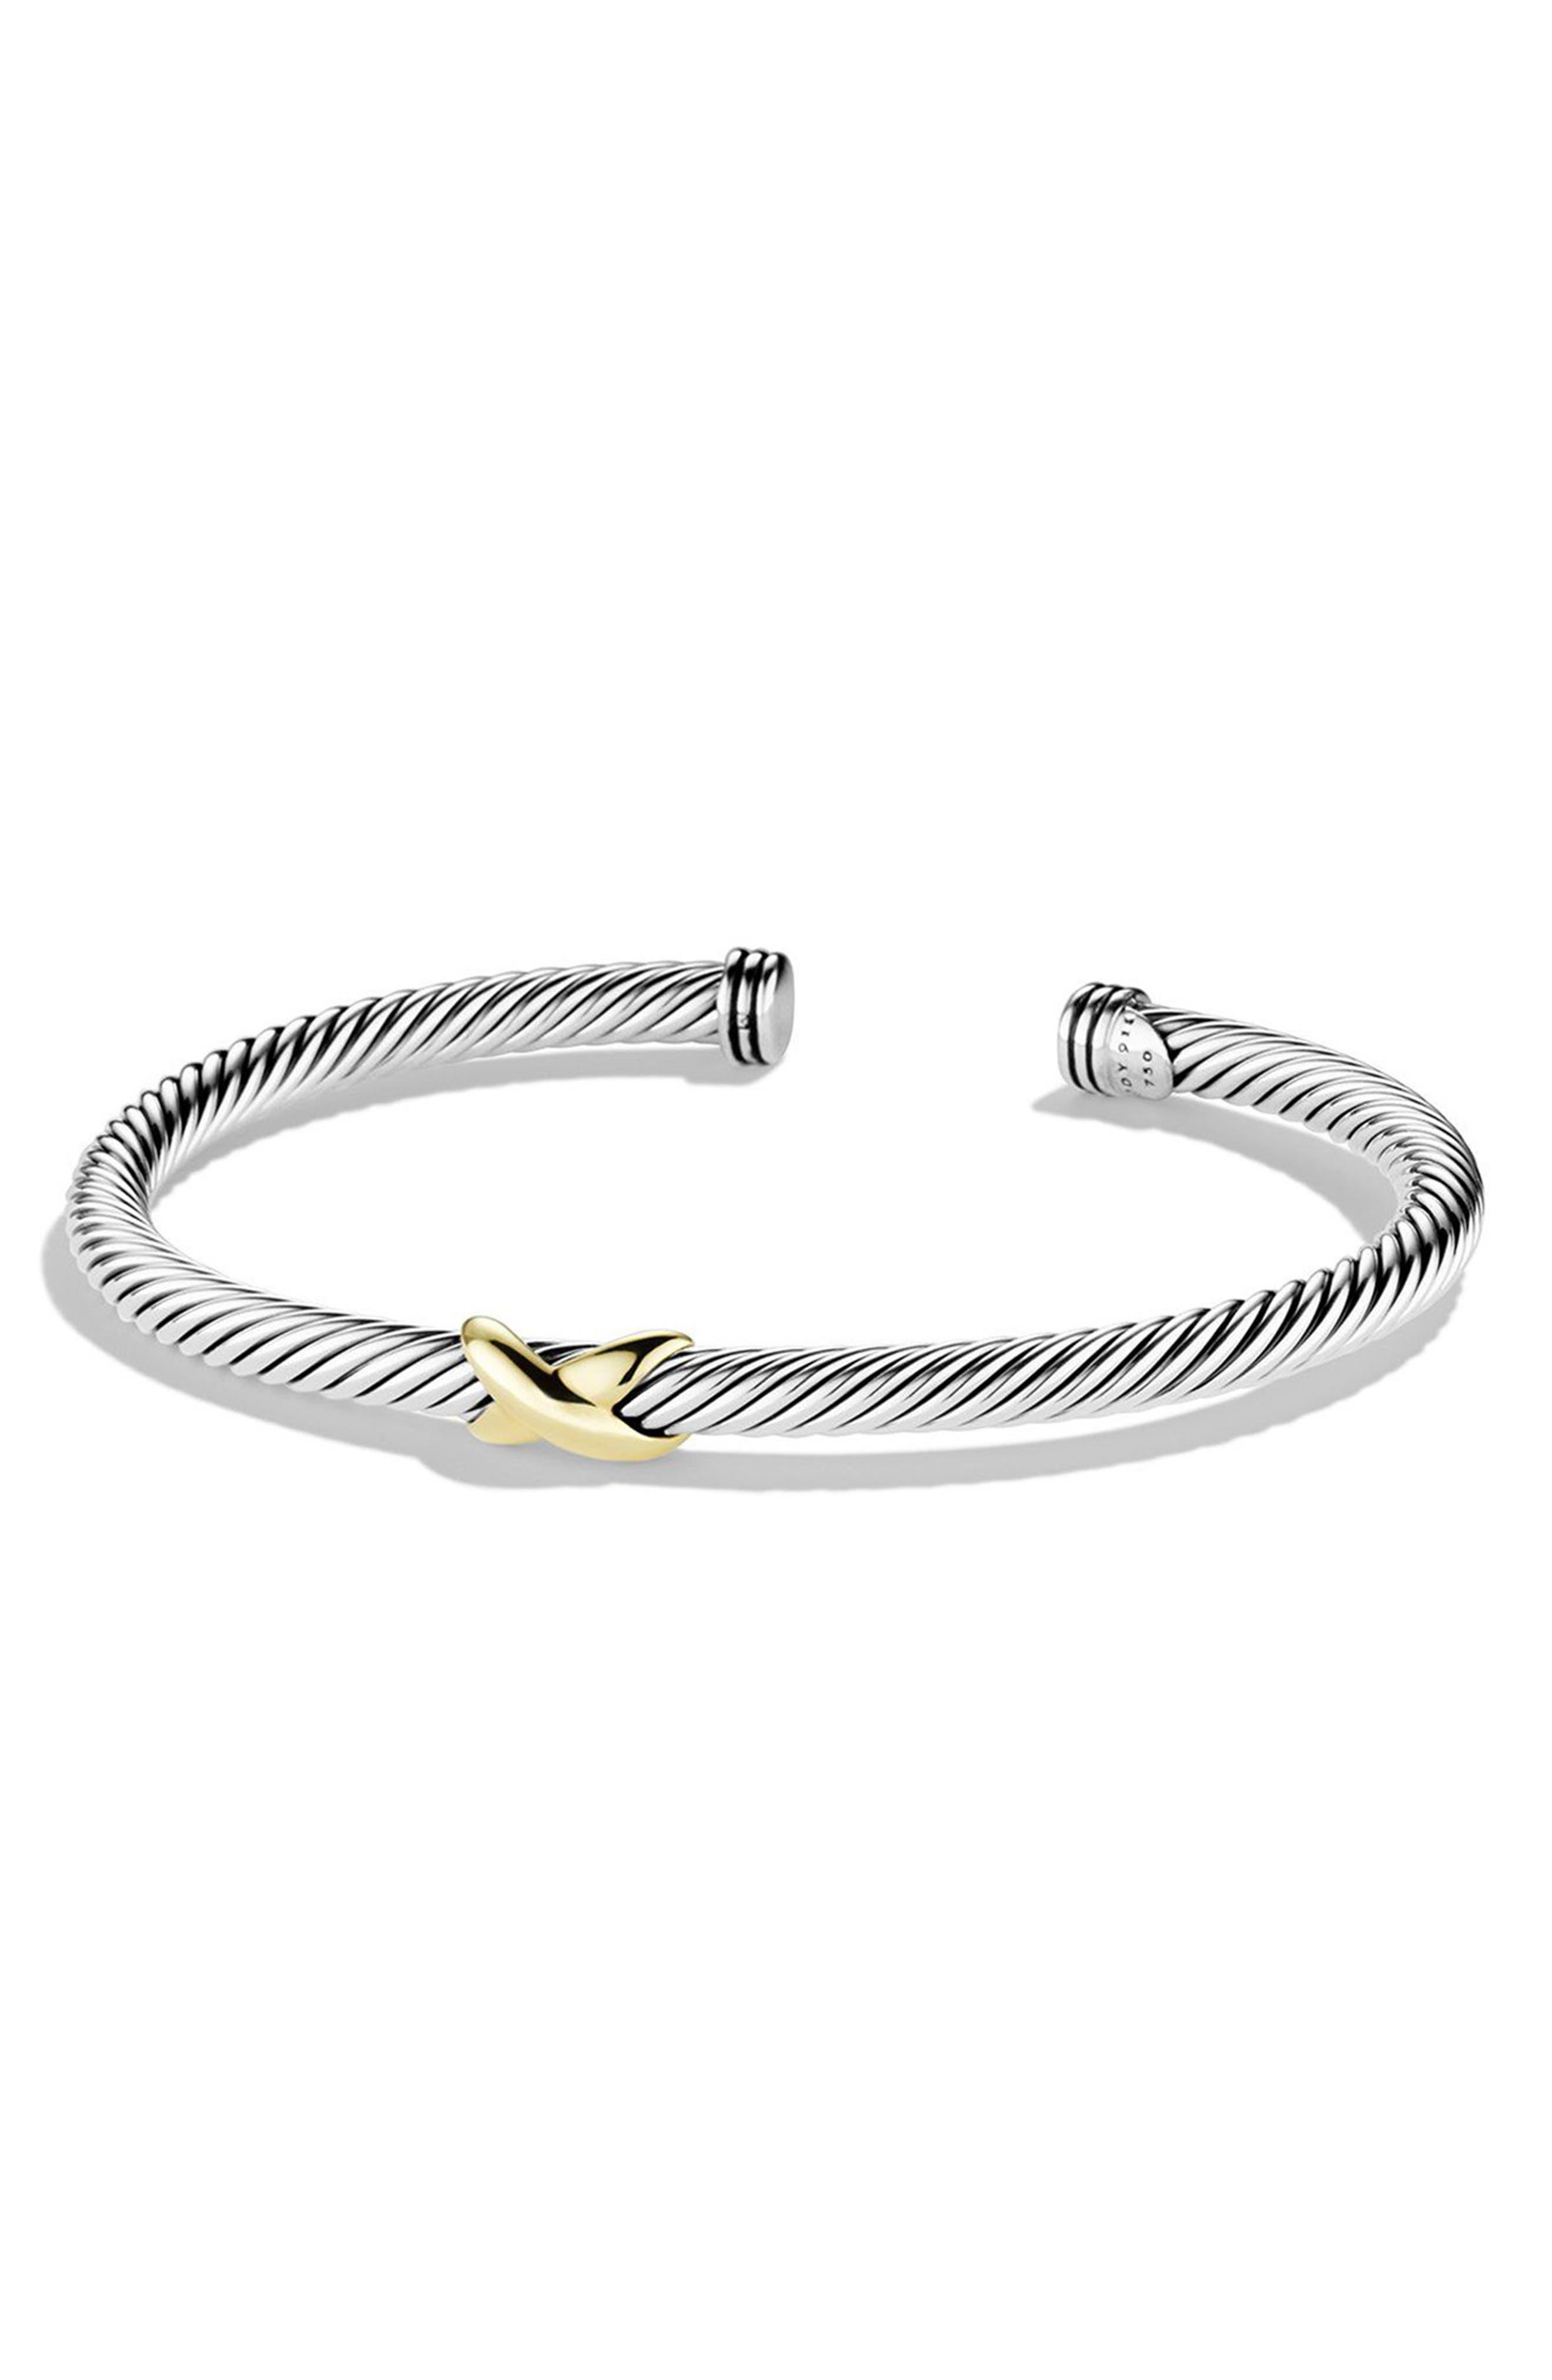 DAVID YURMAN X Cable Bracelet, Main, color, 040